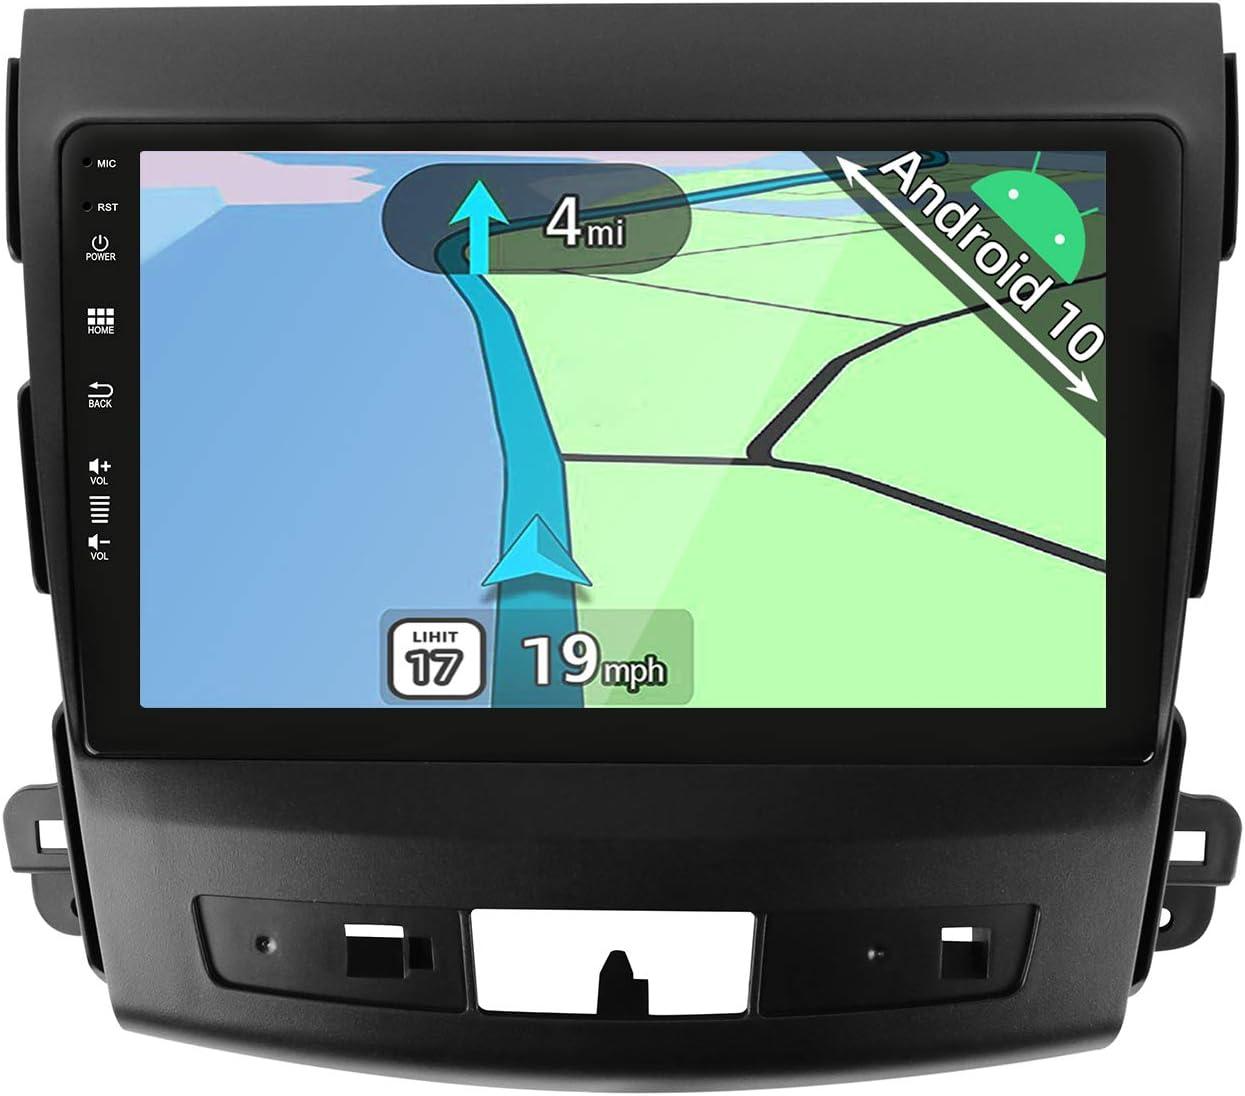 YUNTX Android 10 2 DIN Autoradio para Mitsubishi Outlander/Peugeot 4007/Citroen C-Crosser - 9 Pulgadas - 2G+32G - Gratis Cámara - Soporte Dab/Control del Volante/WiFi/BT 5.0/MirrorLink/CarPlay/USB